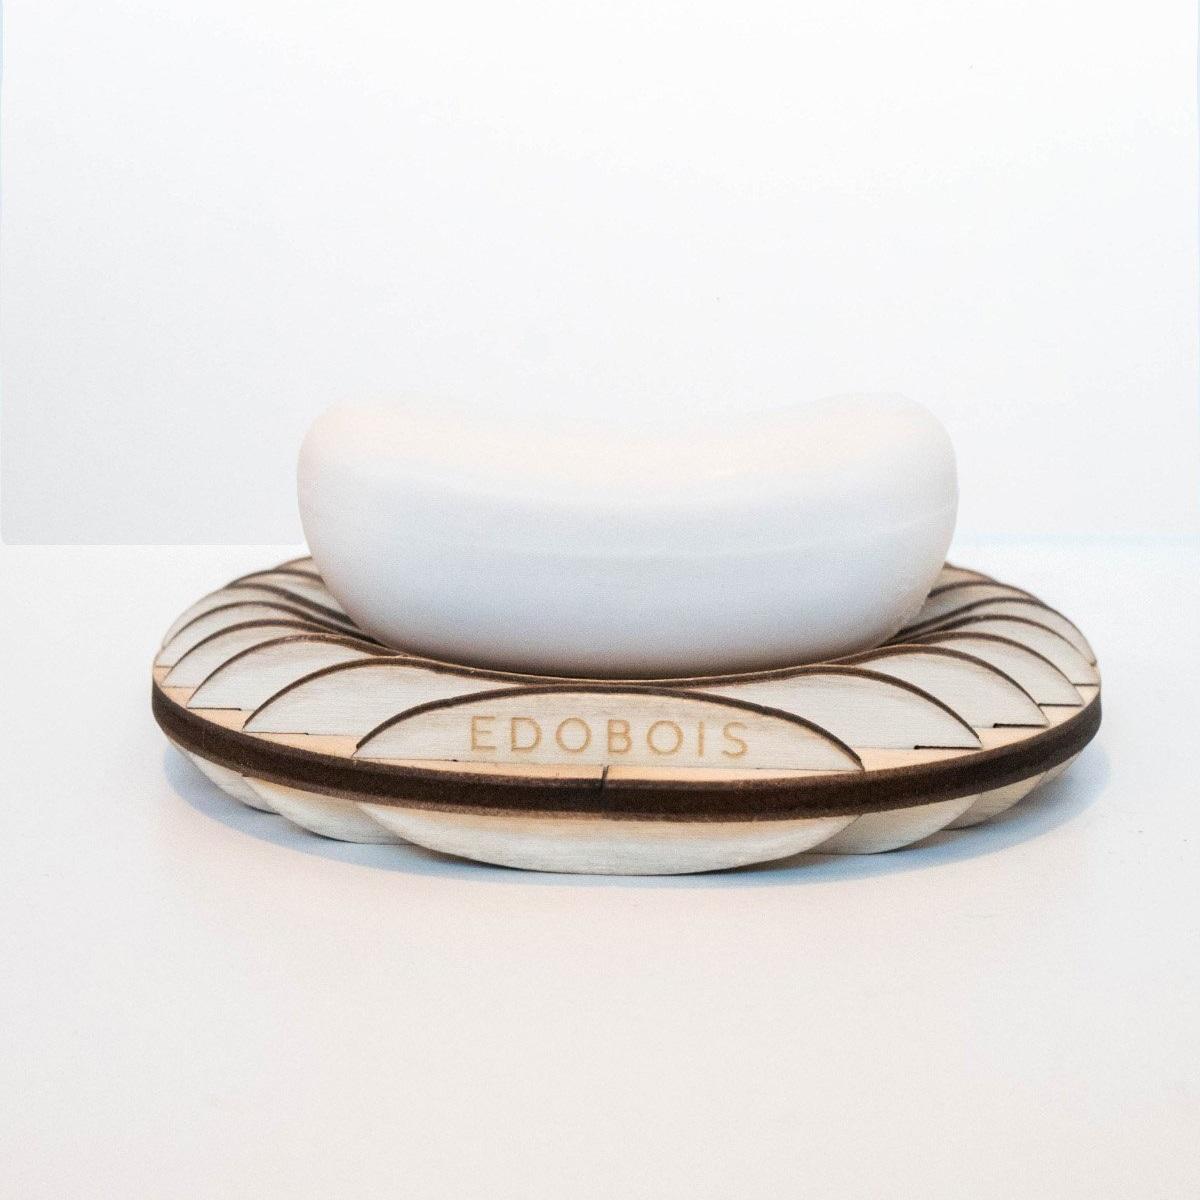 Porte-savon en bois artisanal - Edobois Délicat 4